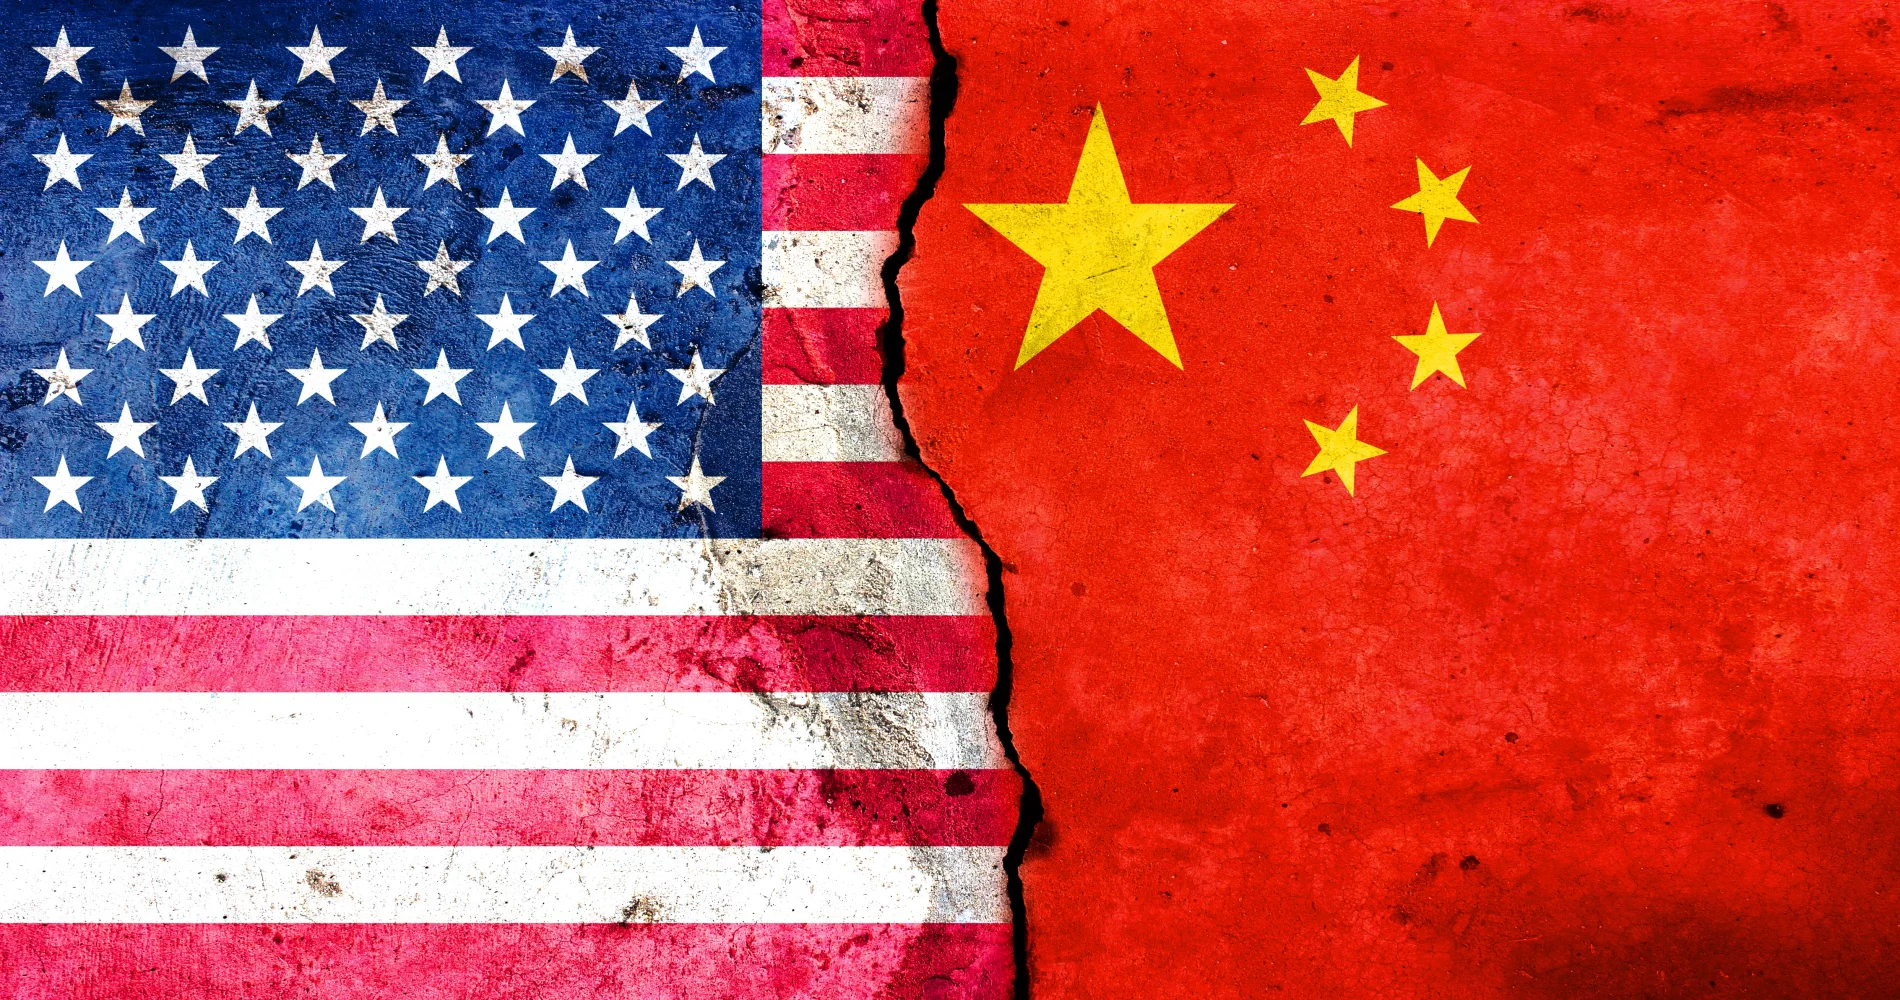 اقتصادی میدان میں سپر پاور چین یا امریکا؟ فیصلہ پاکستان میں ہوگا، امریکی جریدہ